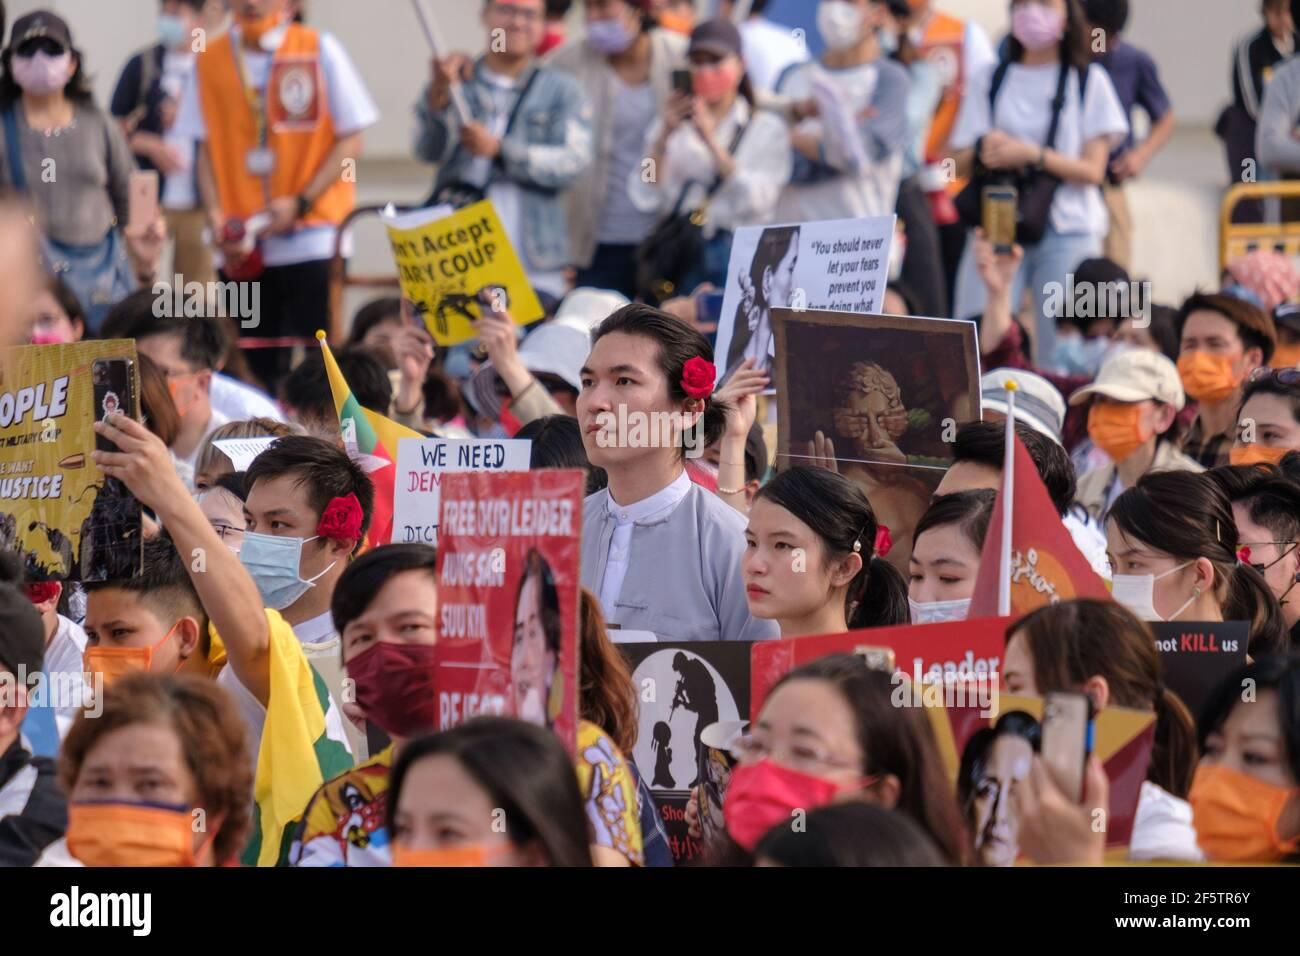 Les manifestants tiennent des pancartes pendant la manifestation.les Birmans qui vivent à Taiwan ainsi que les communautés locales se sont réunis sur la place de la liberté pour appeler à la fin du coup d'État militaire au Myanmar. La police et les militaires du Myanmar (tatmadow) ont attaqué les manifestants avec des balles en caoutchouc, des munitions réelles, des gaz lacrymogènes et des bombes lacrymogènes en réponse aux manifestants anti-coup d'État militaire qui ont tué samedi au Myanmar plus de 100 personnes et en ont blessé beaucoup d'autres. Au moins 300 personnes ont été tuées au Myanmar depuis le coup d'État du 1er février, a déclaré un responsable des droits de l'homme de l'ONU. Conseiller militaire de l'État détenu du Myanmar Banque D'Images